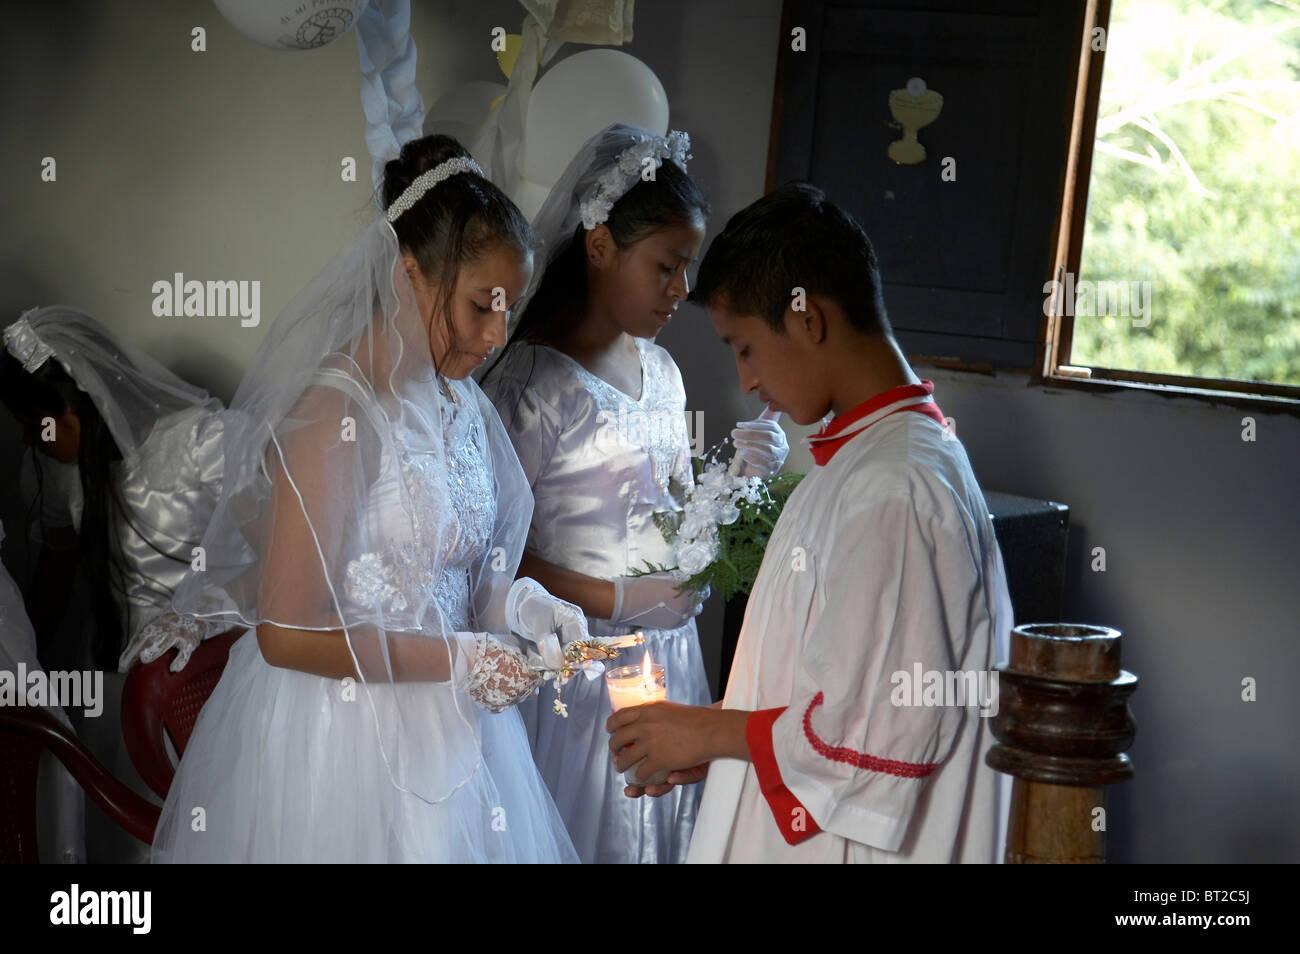 Kc4758 Painet chico niños kids guatemala primera misa católica el comunión y en remate peten monaguillo luces Foto de stock